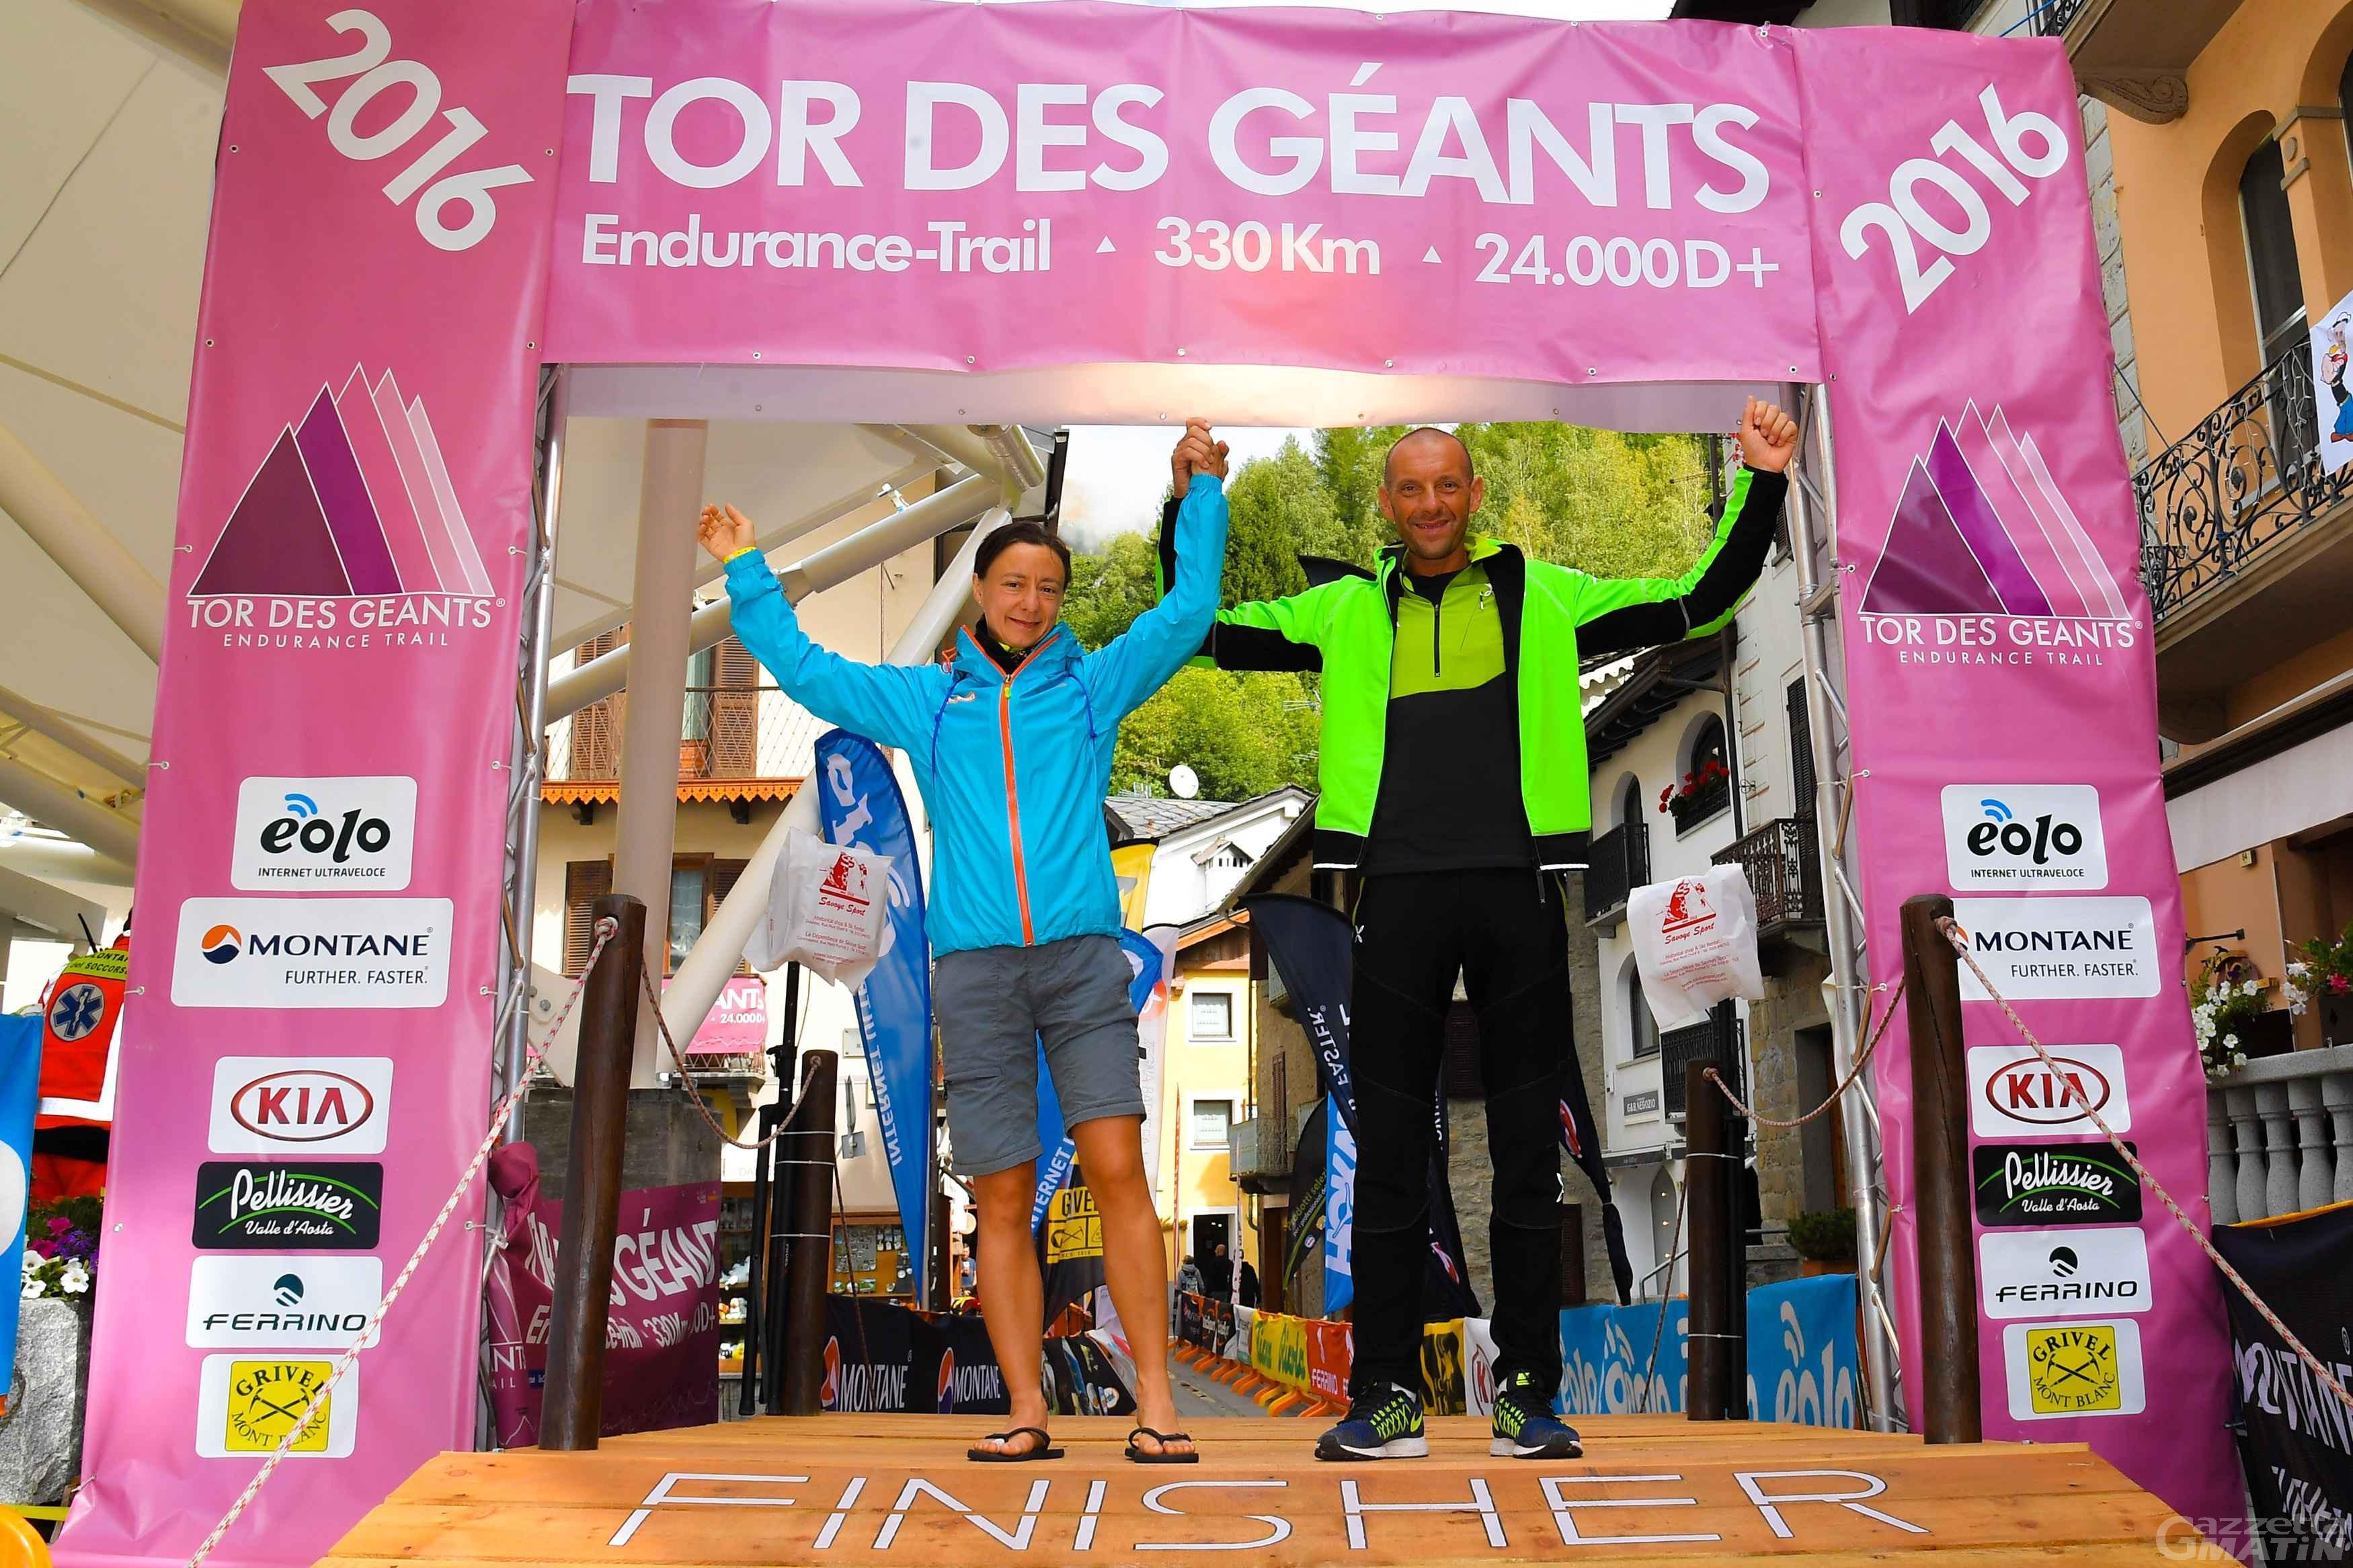 Tor des Géants: meno preiscritti, aumentano gli stranieri